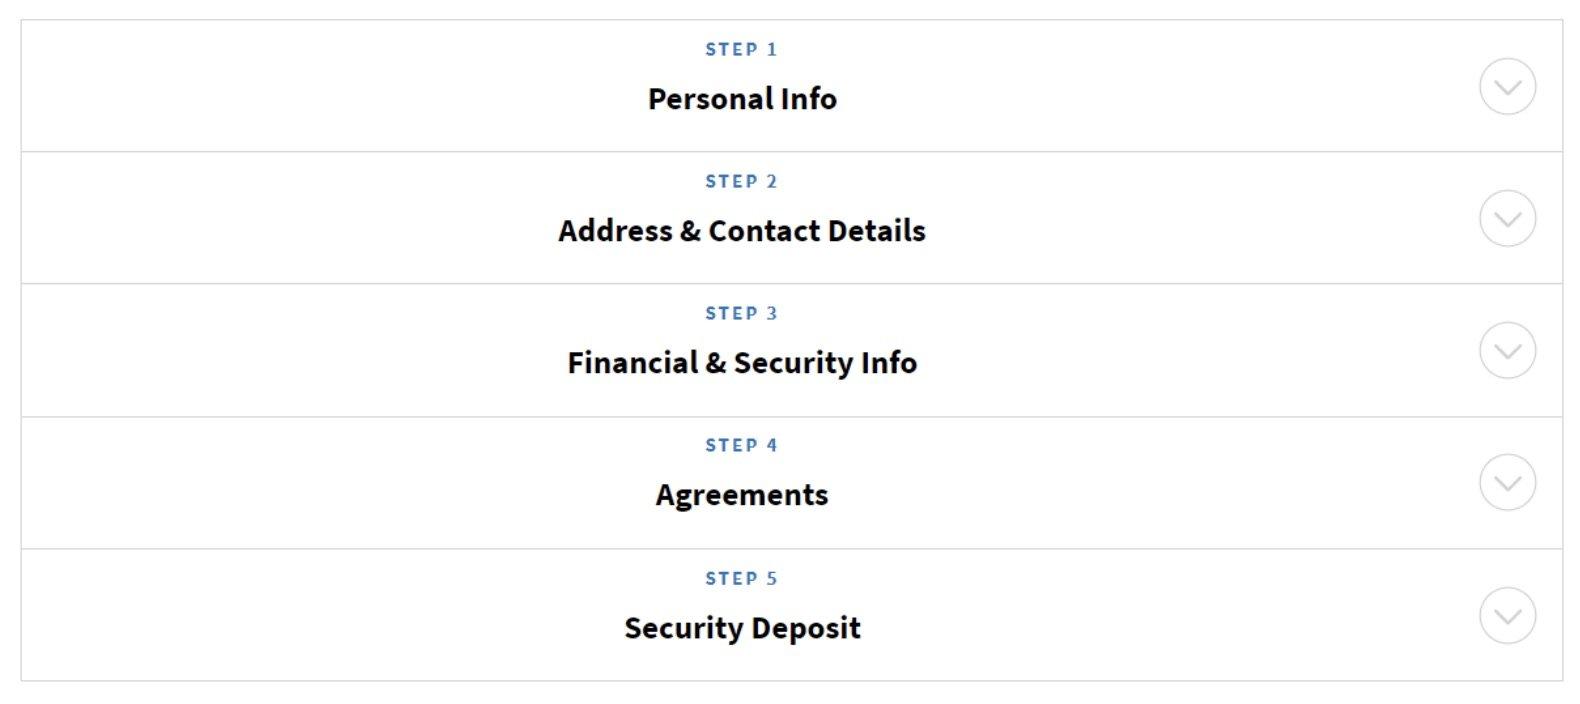 OpenSky steps